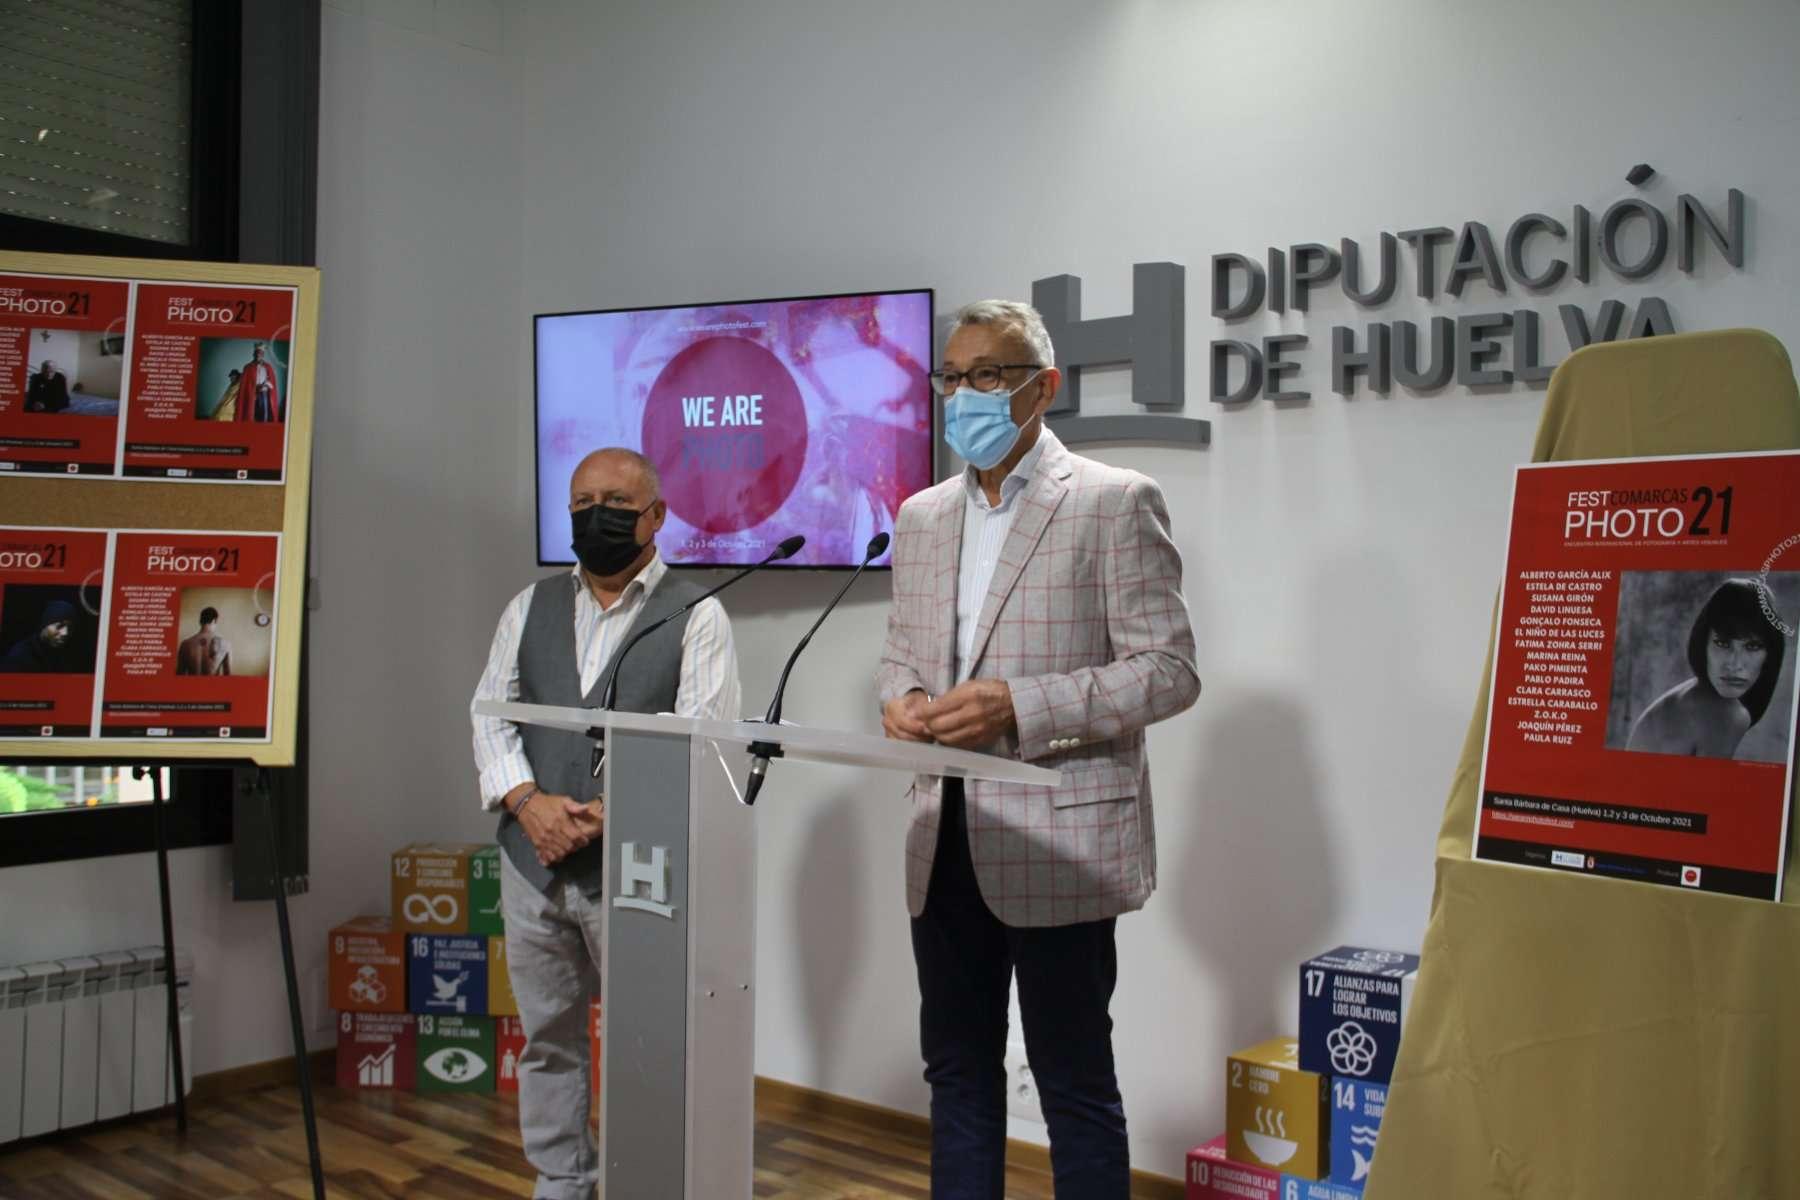 El vicepresidente de Innovación Económica y Social, Juan Antonio García, y Juan Sande, coordinador del encuentro y miembro del Colectivo We Are Photo.